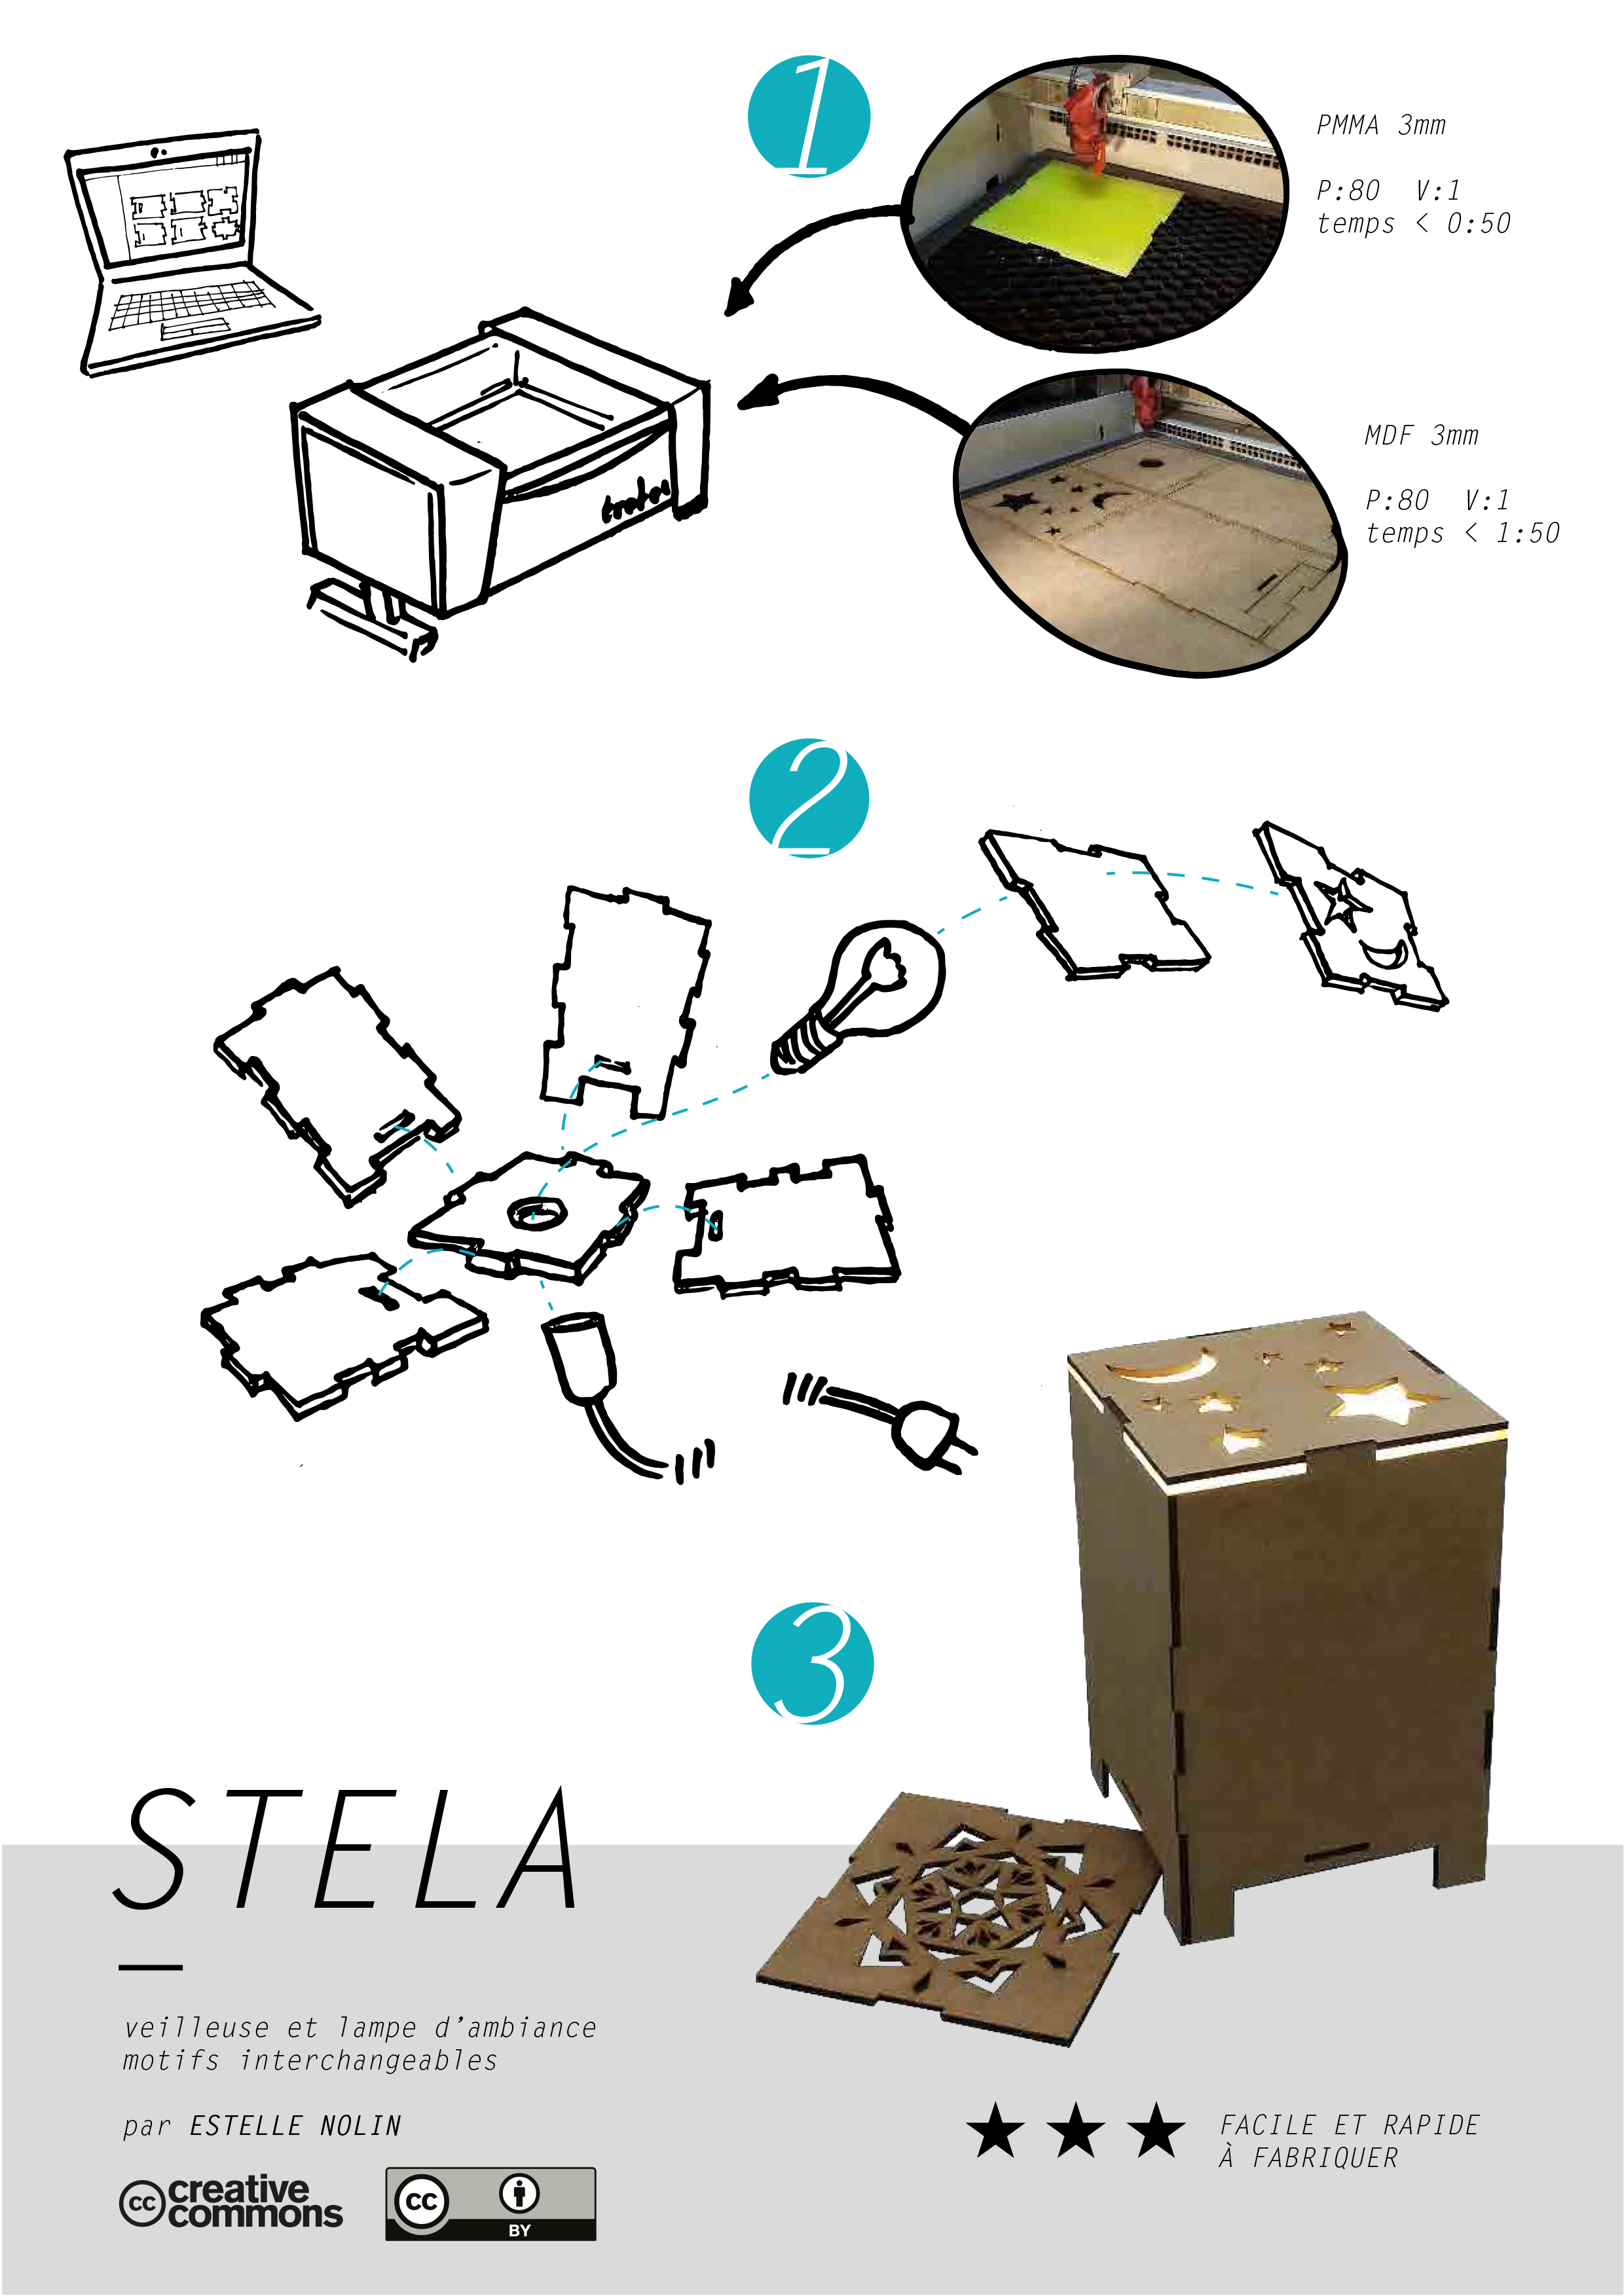 Lampe veilleuse Stela concours trotec - nolin estelle - notice.jpg